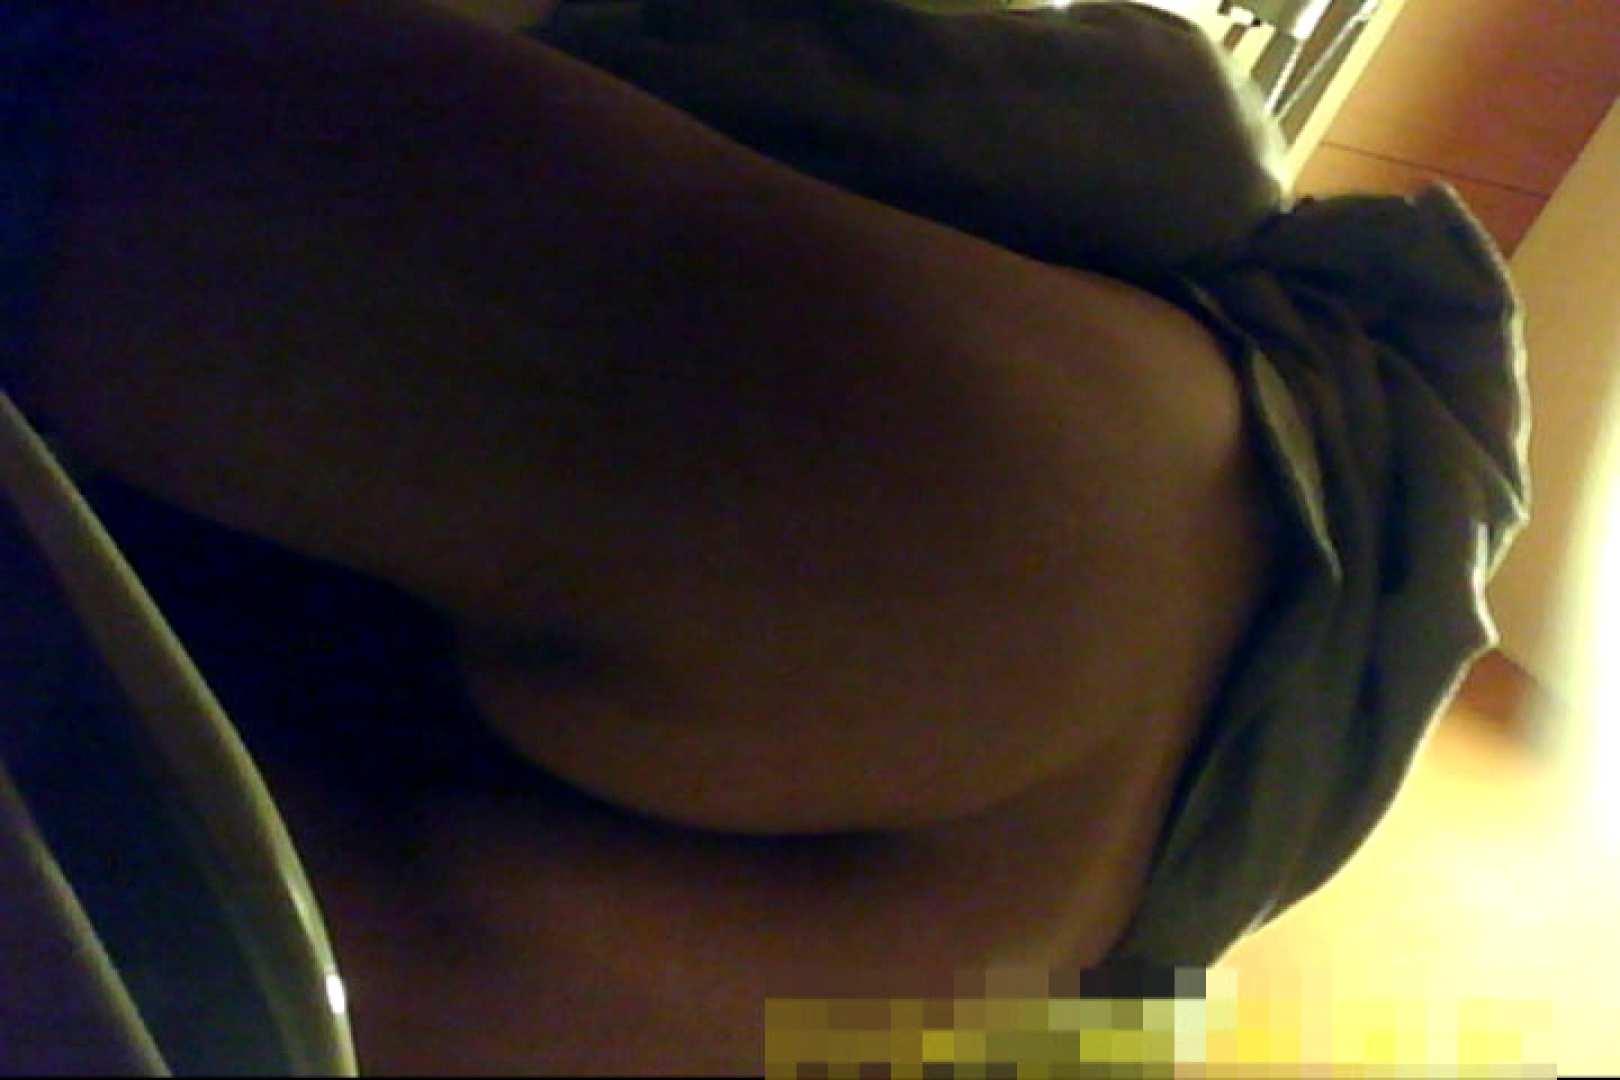 魅惑の化粧室~禁断のプライベート空間~29 プライベート  74連発 42